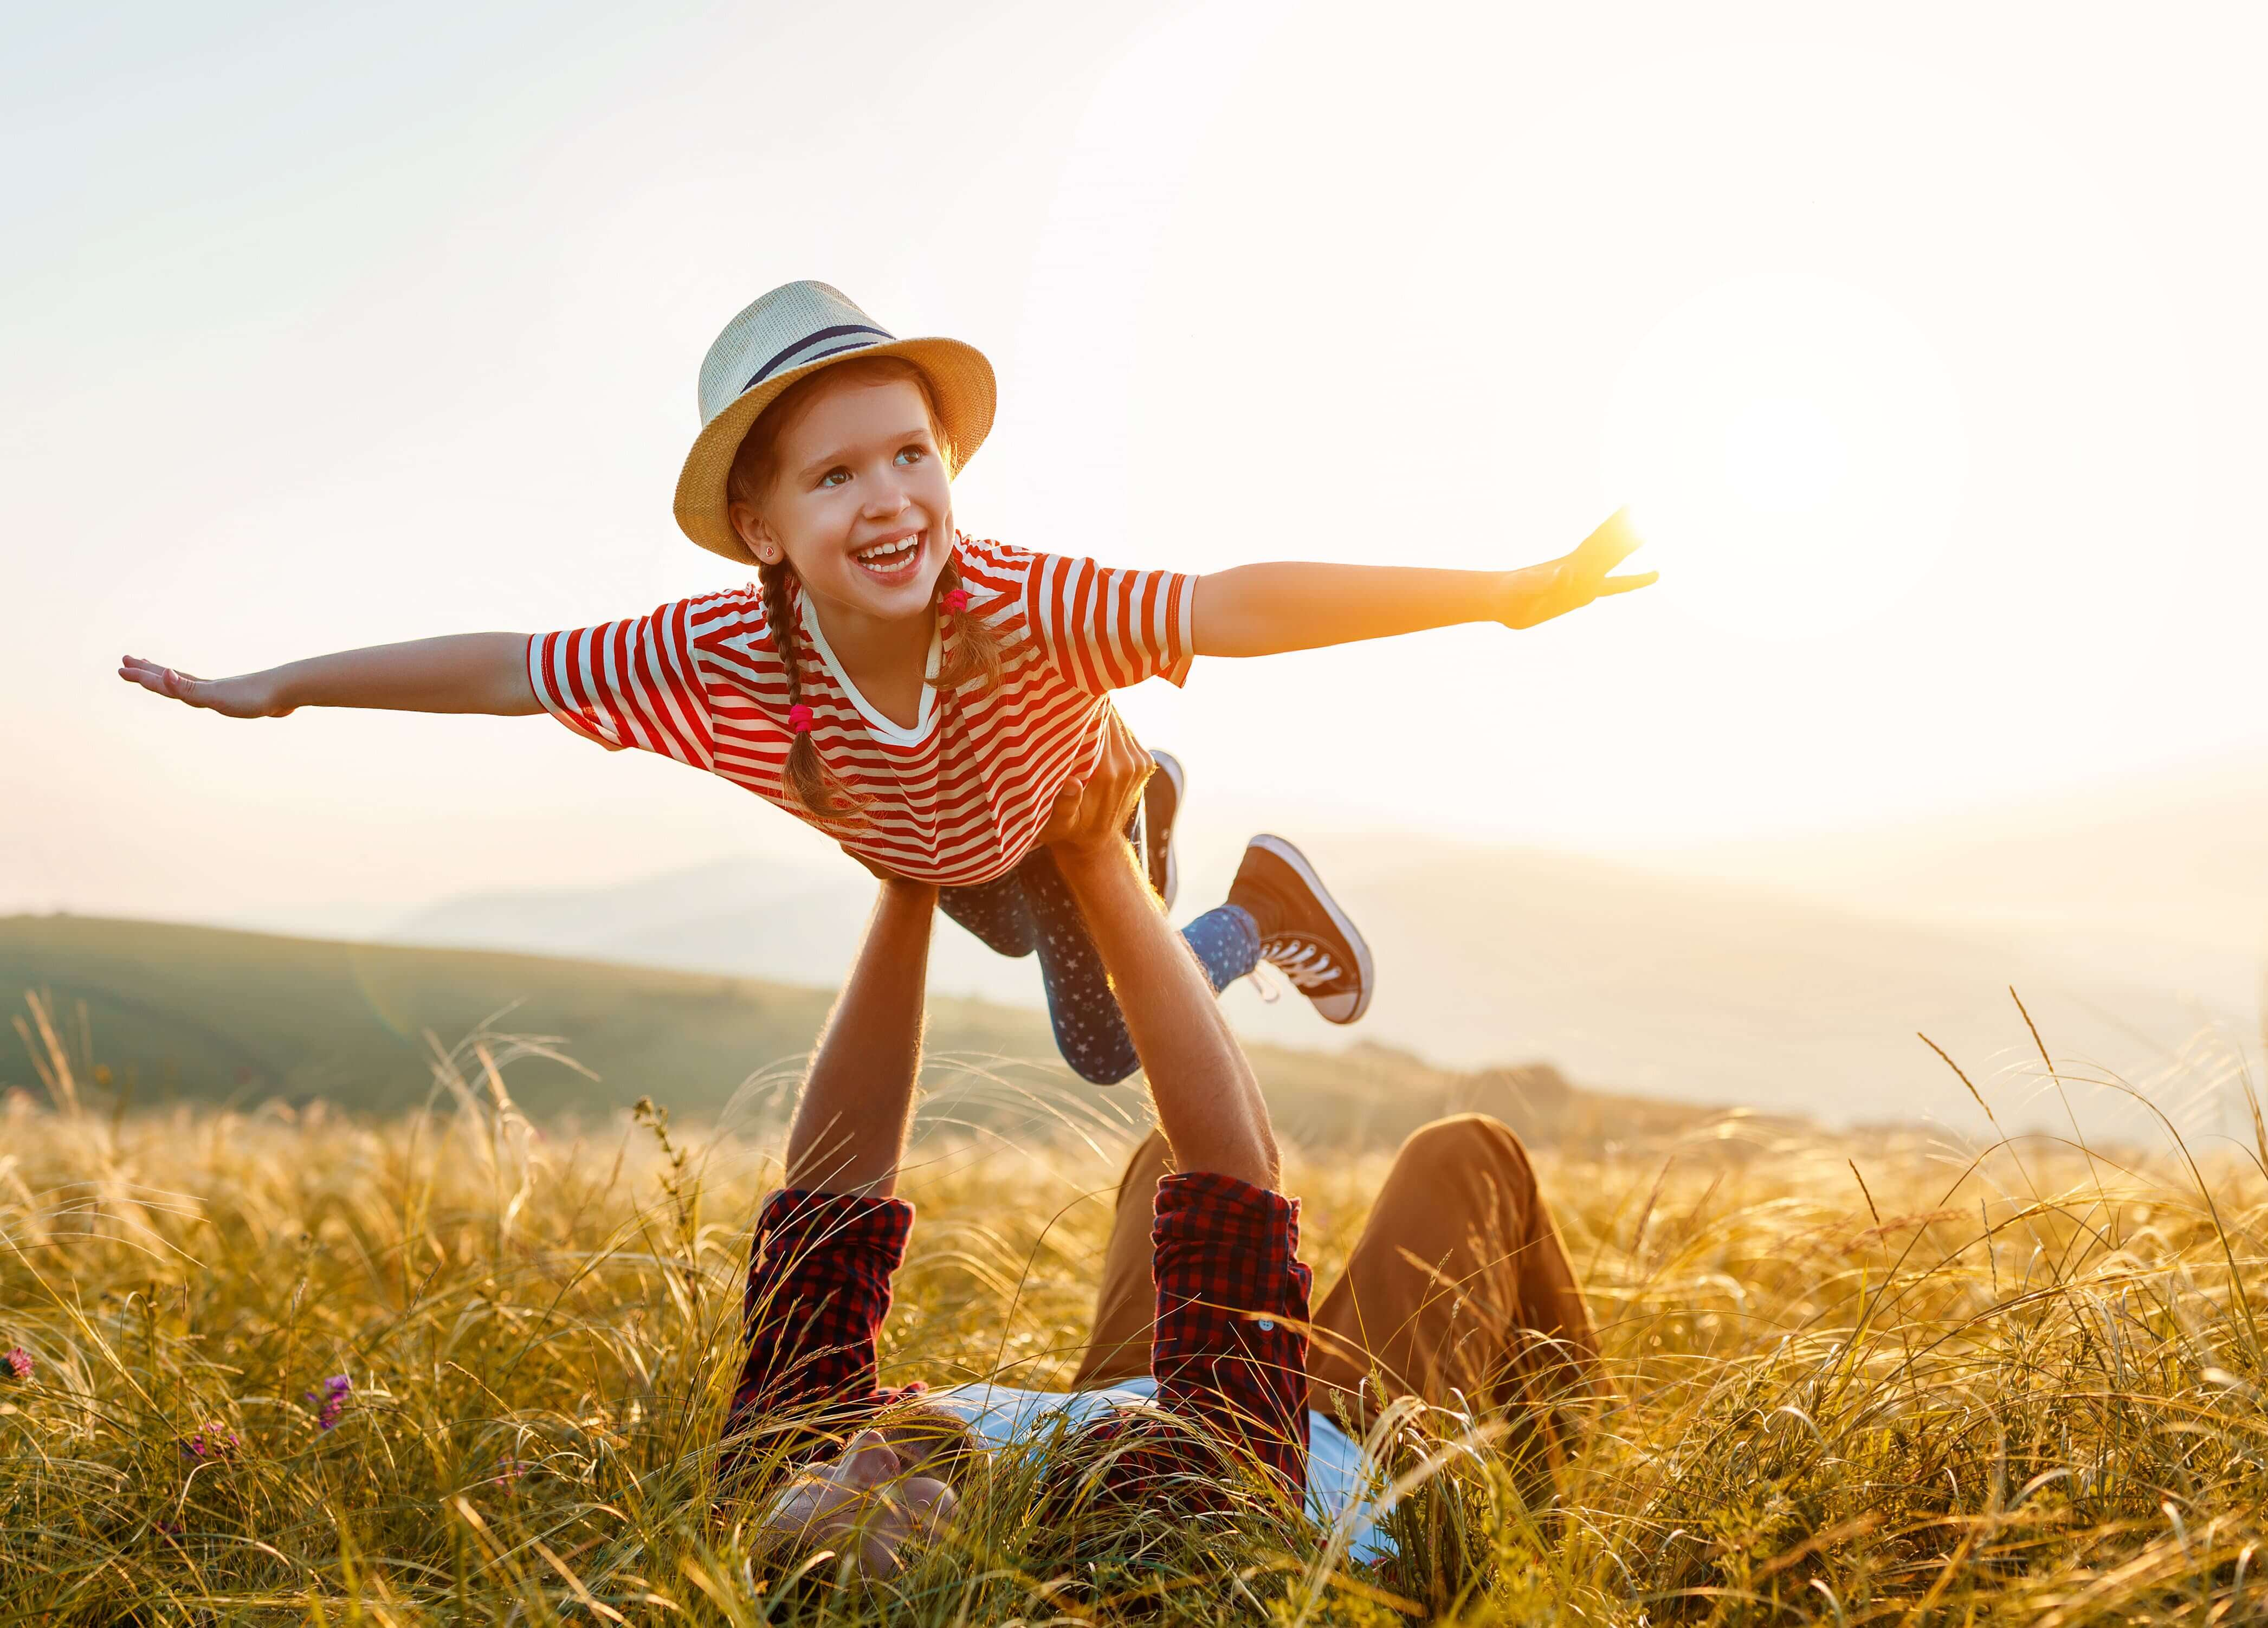 Kinderabsicherung Kinderversicherung versicherungsmakler aachen finanzberater kindersicherung